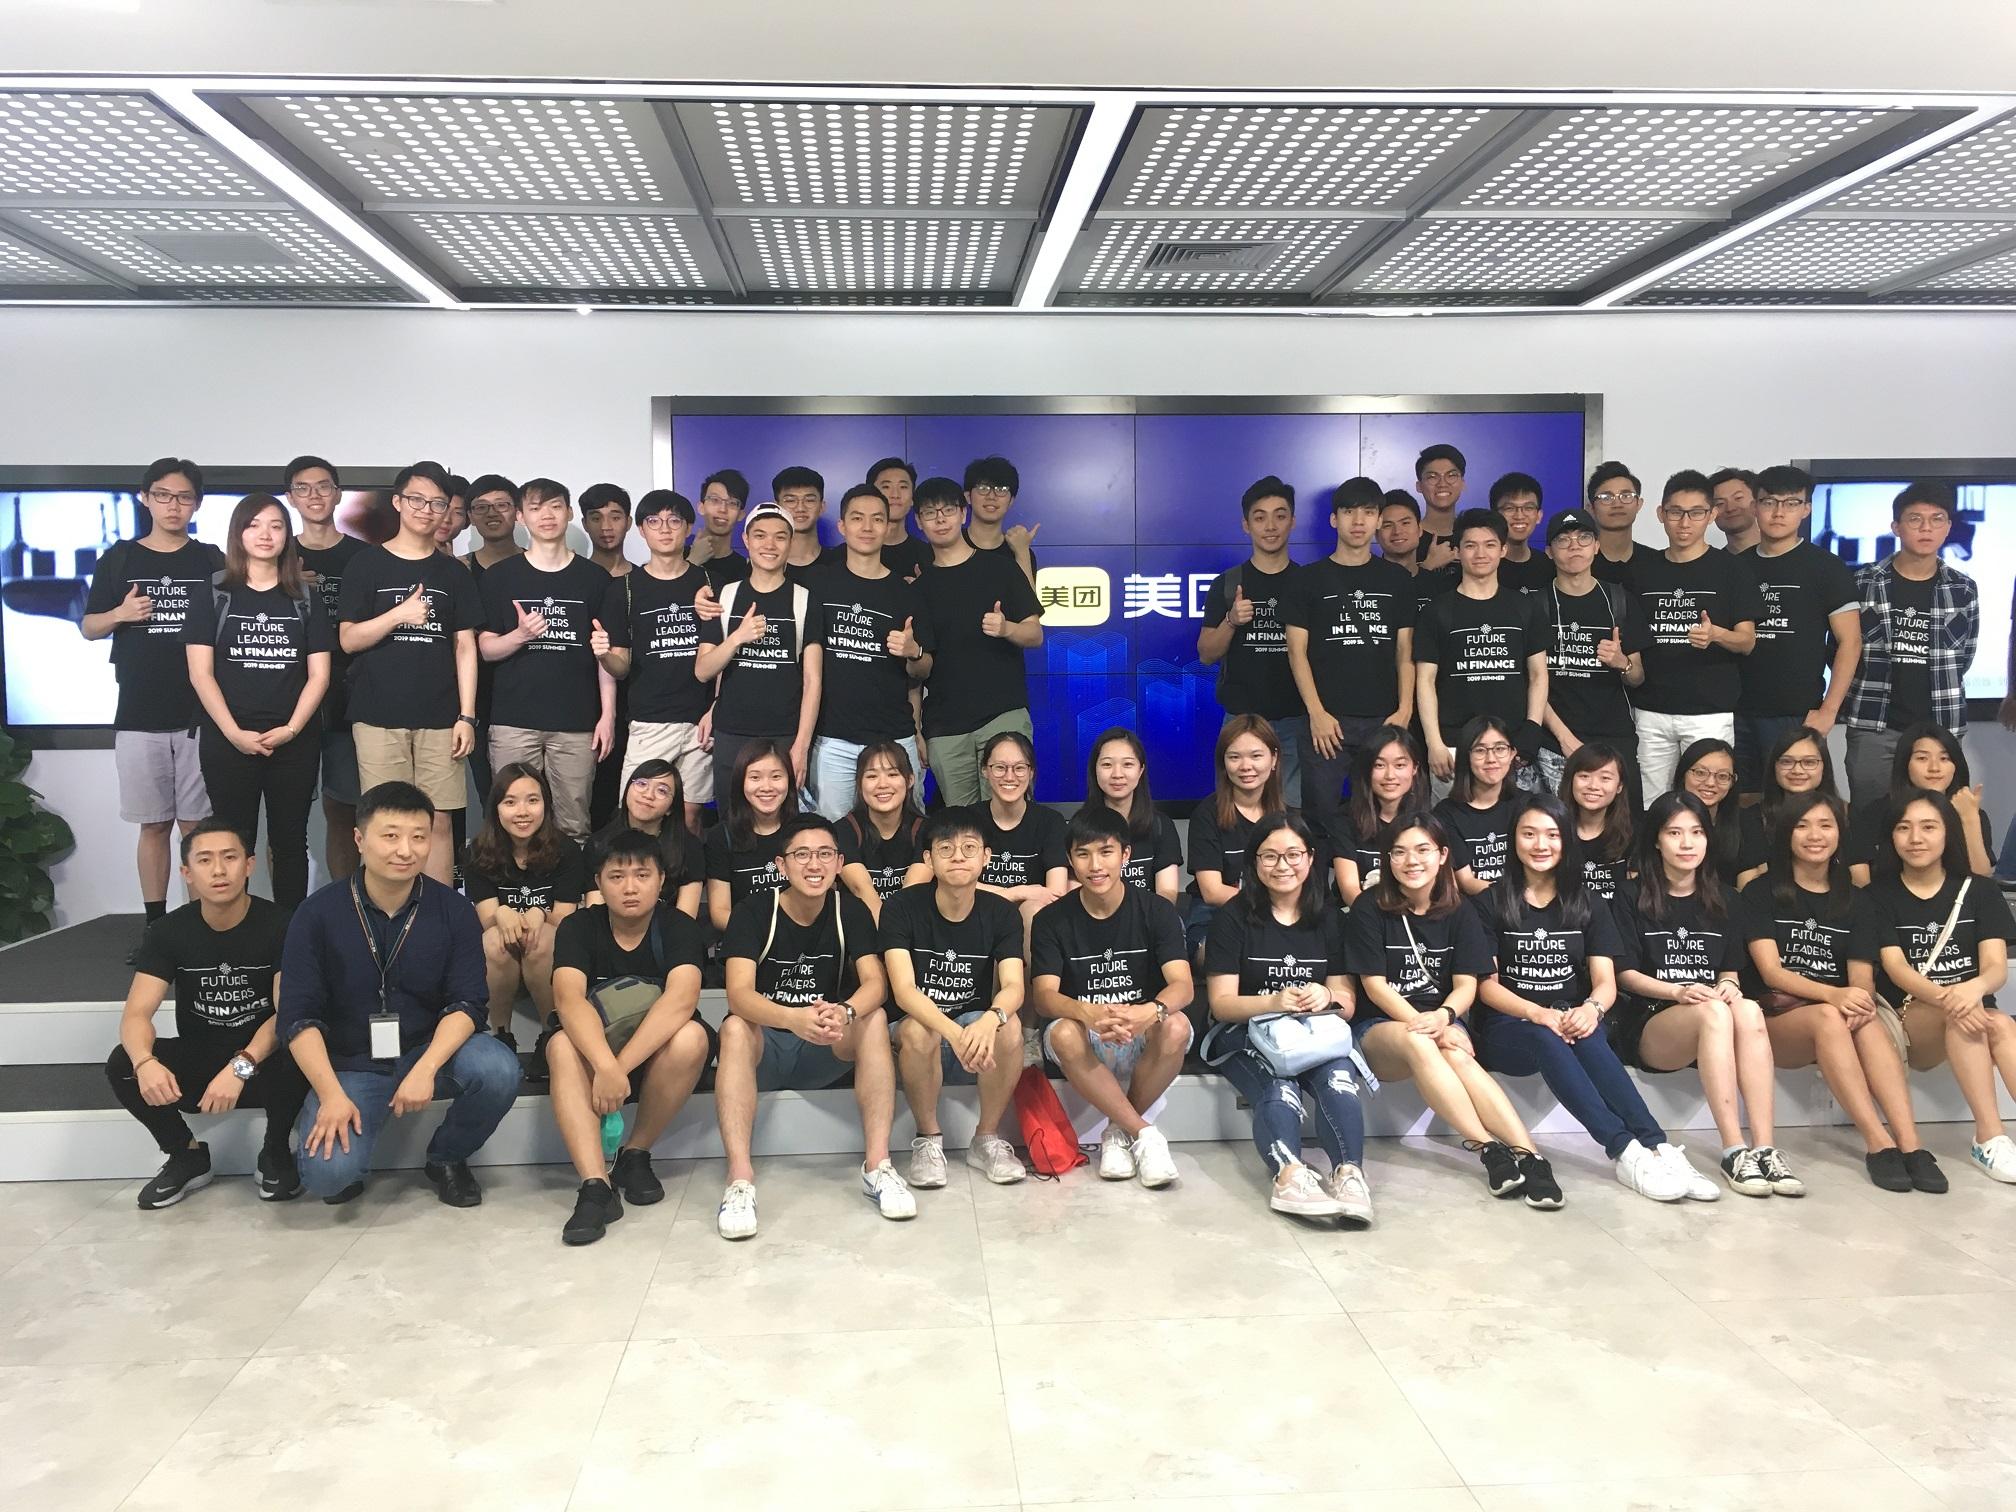 「2019金融青年匯」北京暑期實習團 — 走進美團感受互聯網企業創新,走進工體爲中赫國安加油